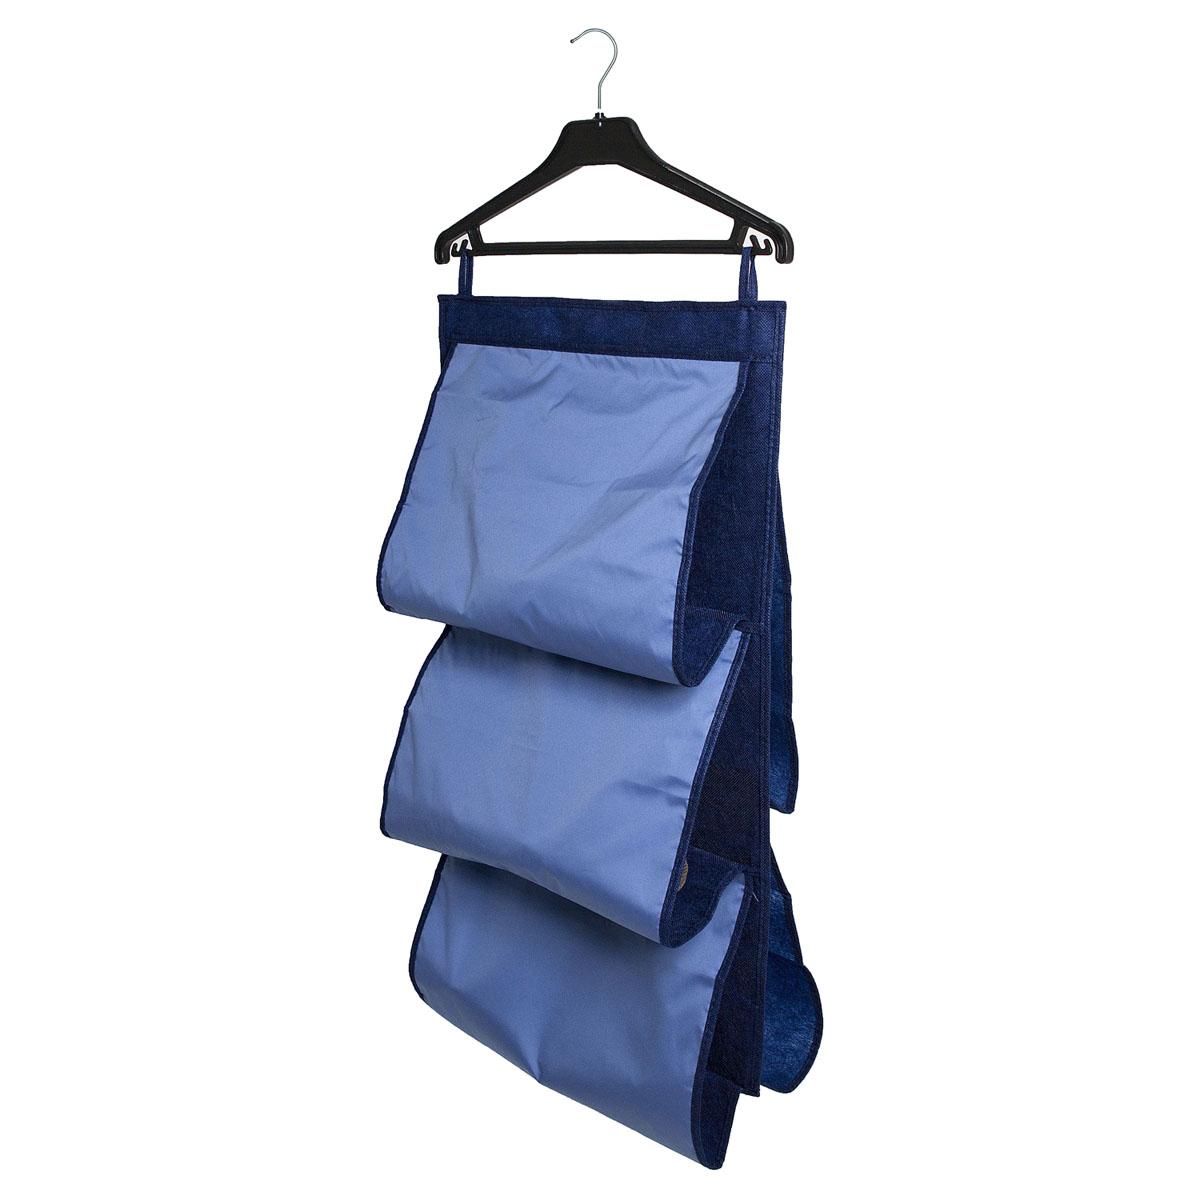 Органайзер для сумок Homsu Bluе Sky, 5 отделений, 40 х 70 смHOM-49Органайзер для хранения сумок Homsu Bluе Sky изготовлен из полиэстера. Изделие имеет 5 отделений, его можно повесить в удобное место за крючки. Такой компактный и удобный в каждодневном использовании аксессуар, как этот органайзер, размещающийся в пространстве шкафа, на плоскости стены или дверей. Практичный и удобный органайзер для хранения сумок. Размер чехла: 40 х 70 см.